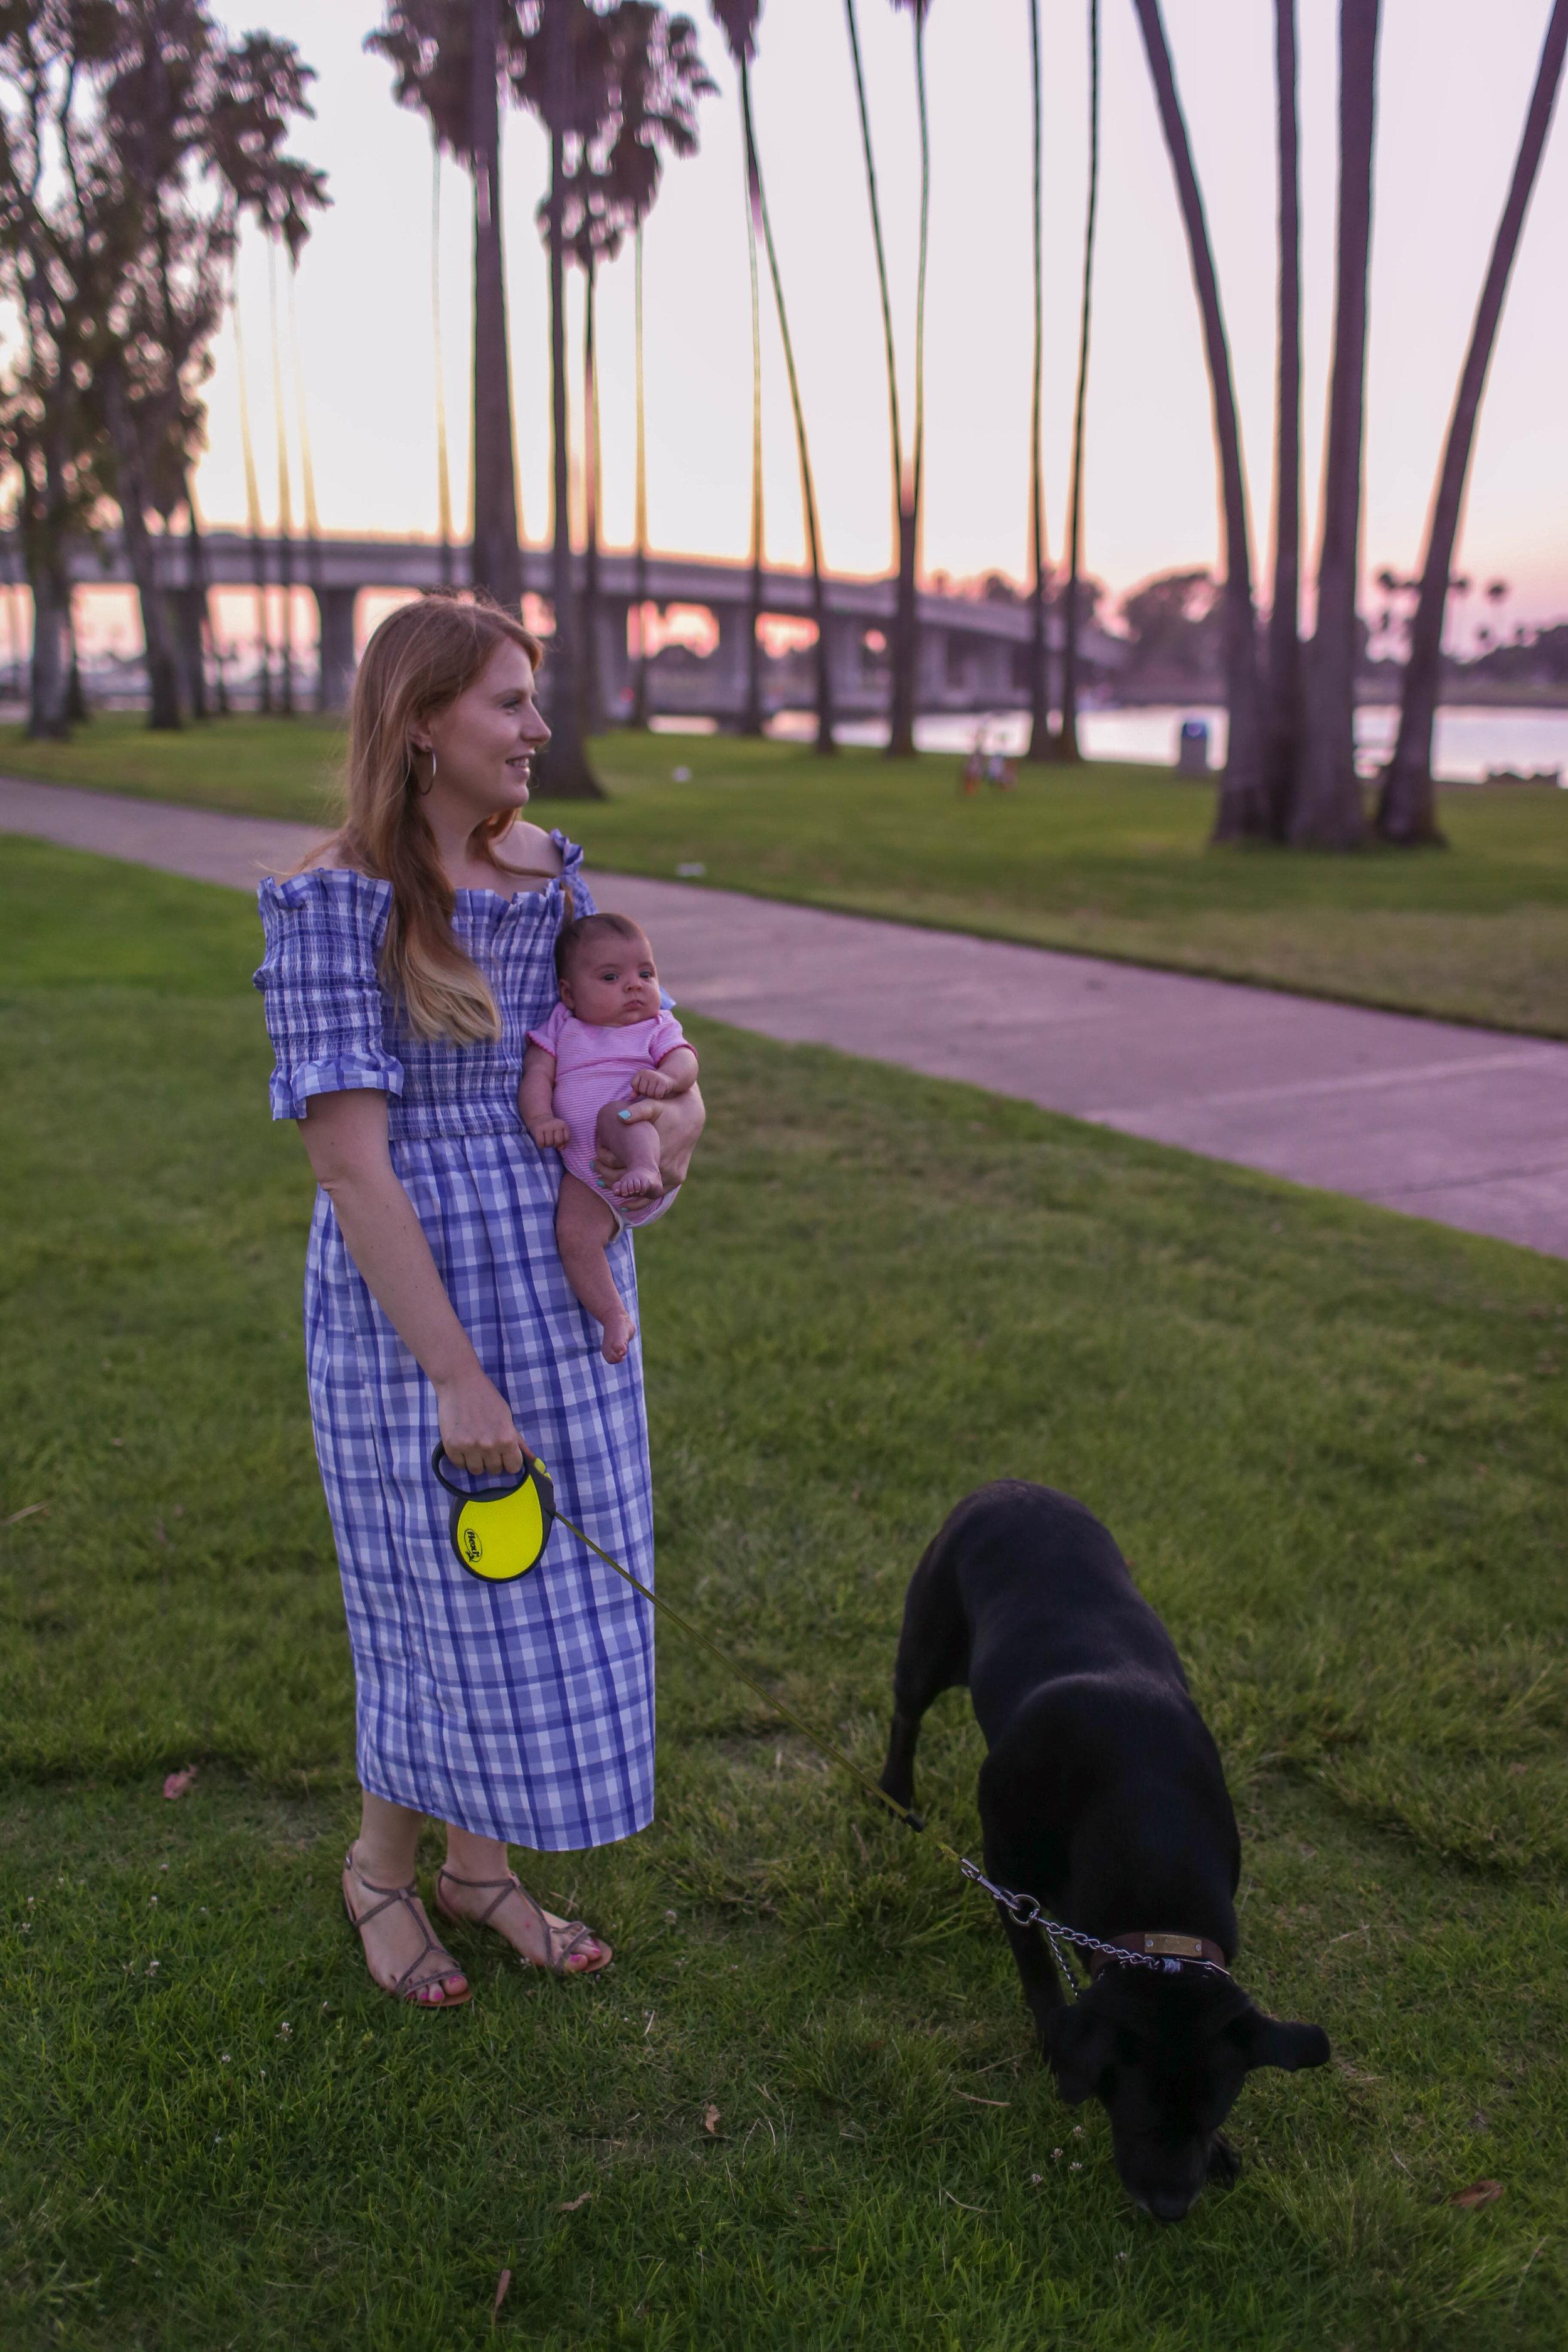 Gennifer Rose_The San Diego Summer Bucket List_22.jpg